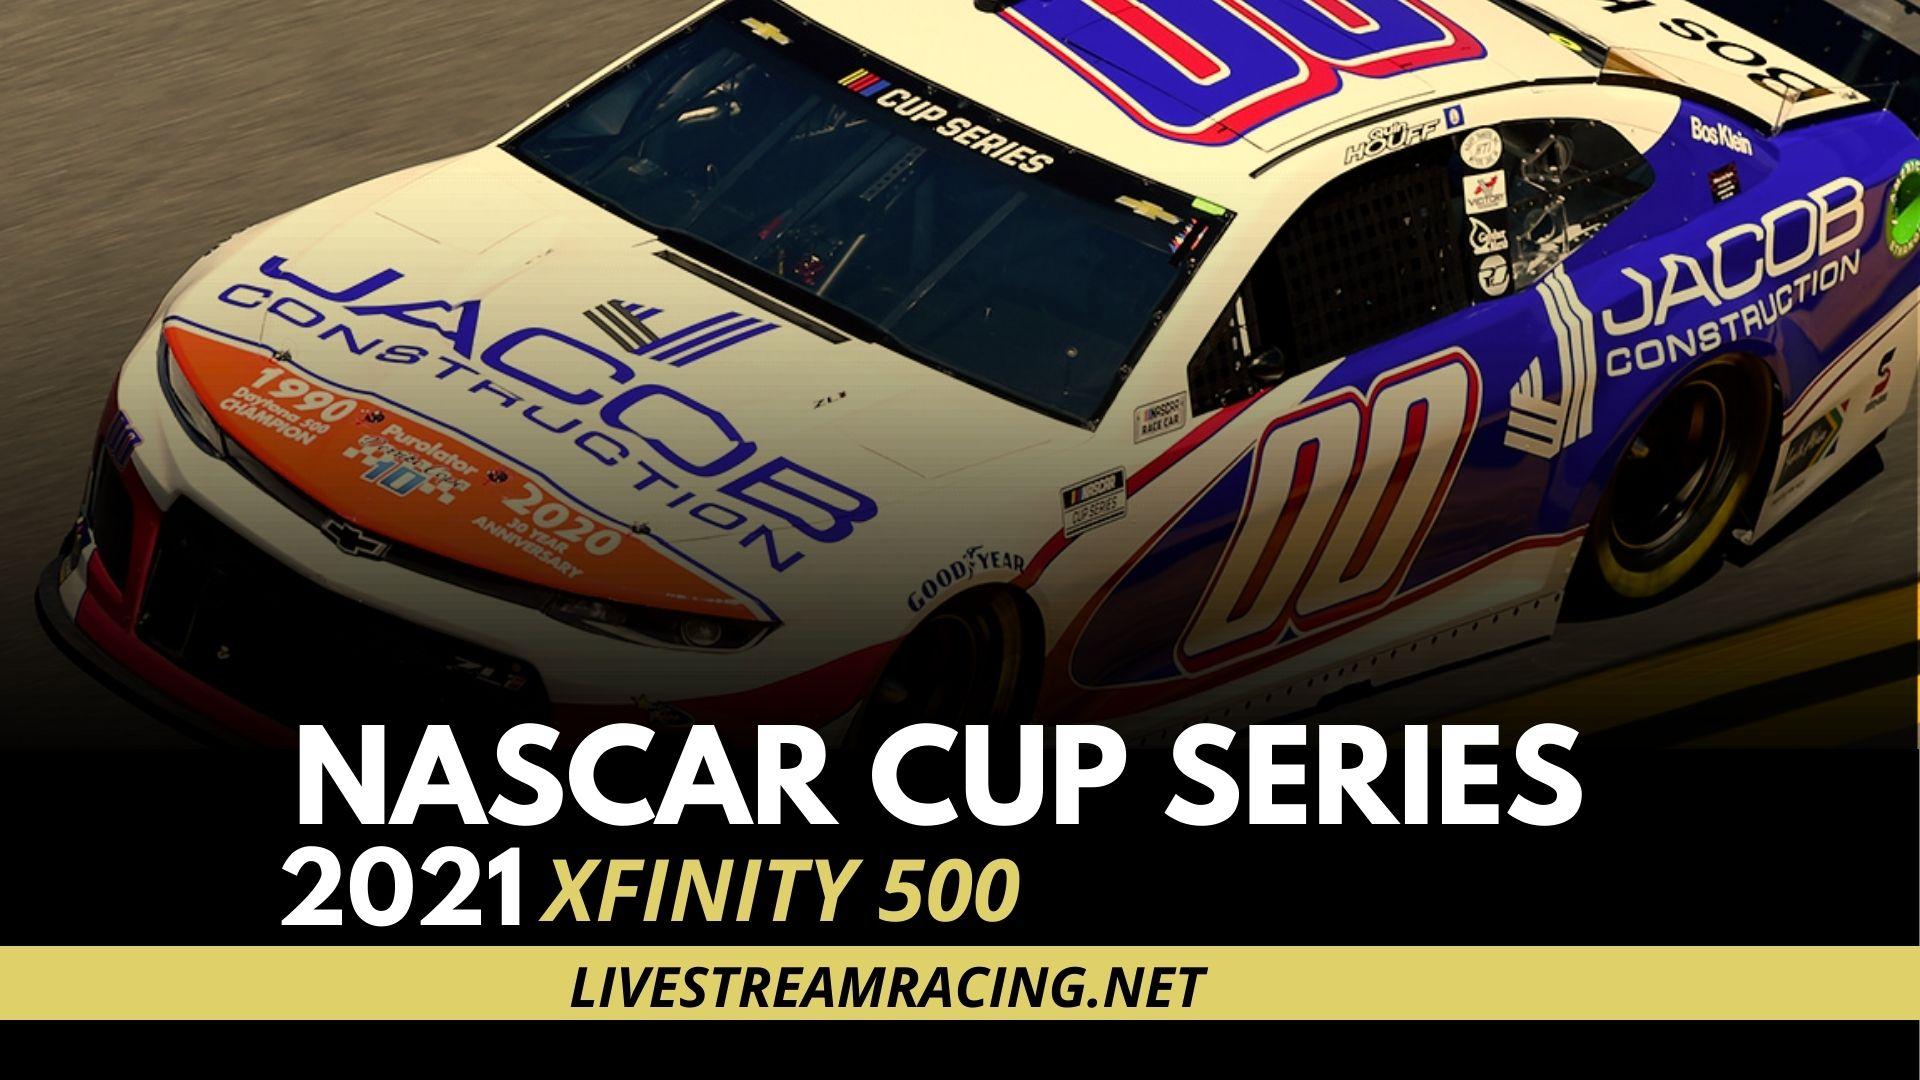 Nascar Xfinity 500 Live Stream 2021 - Cup Series